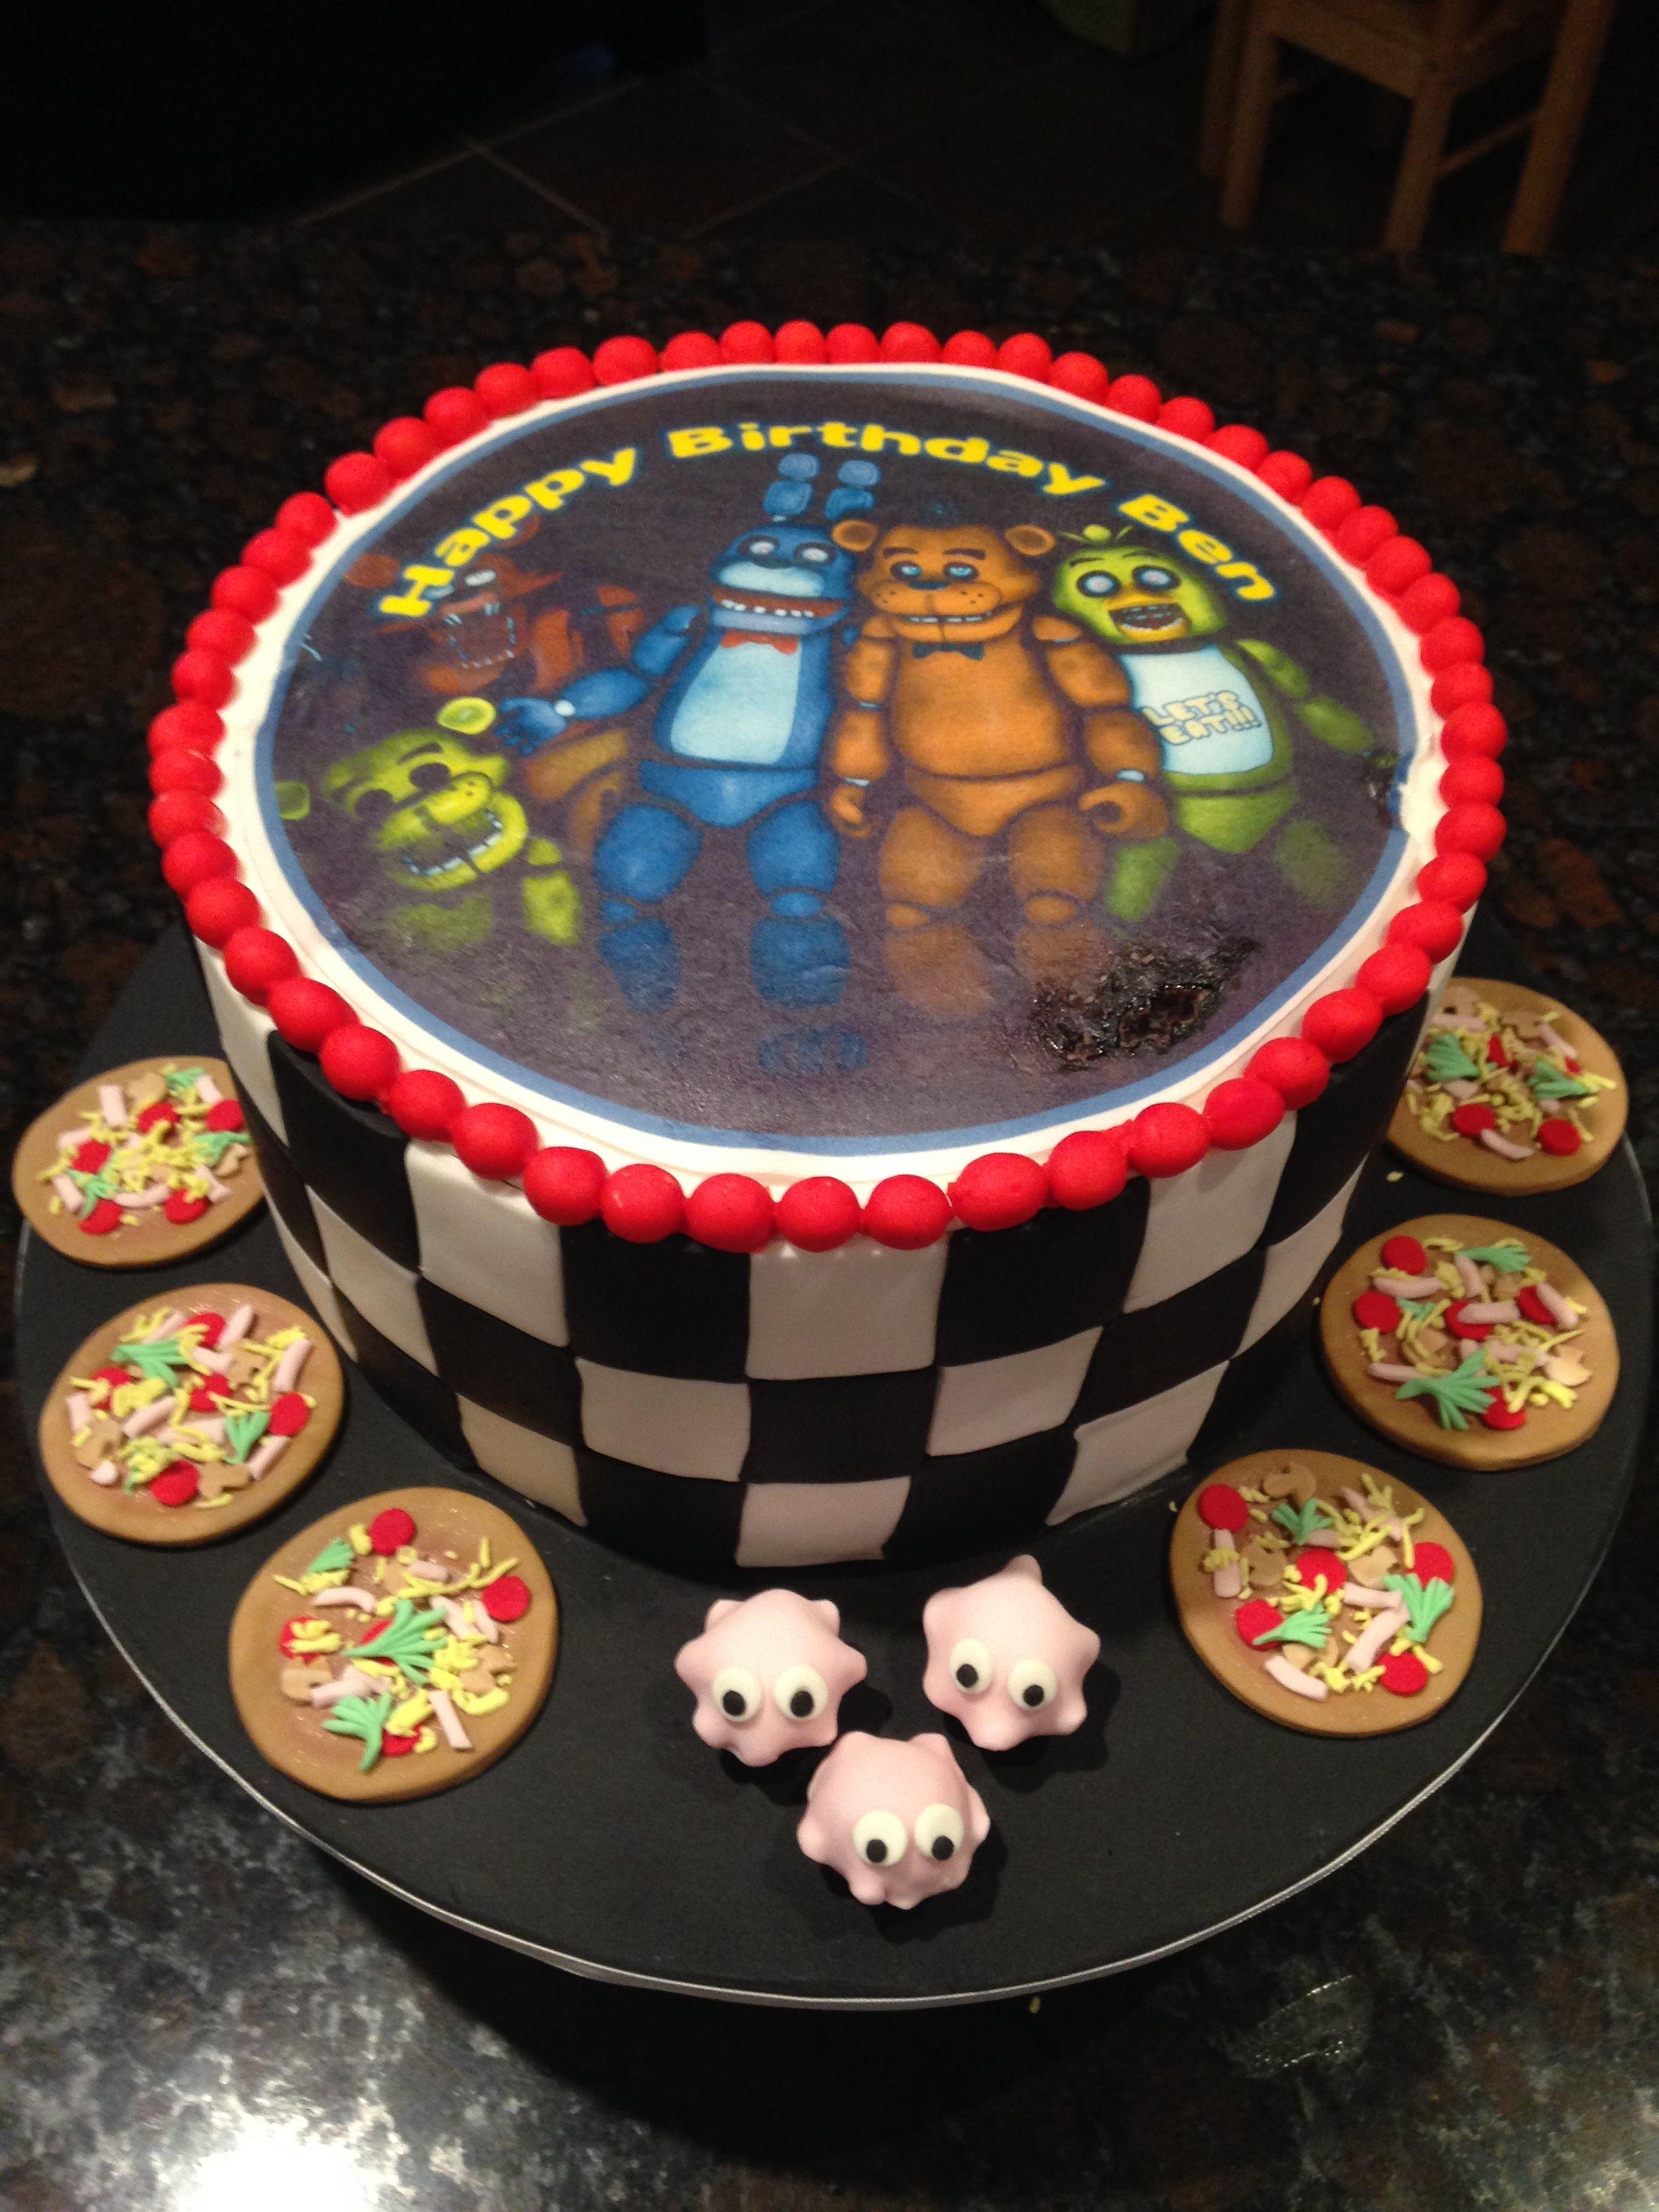 42+ 5 nights at freddys birthday cake inspirations